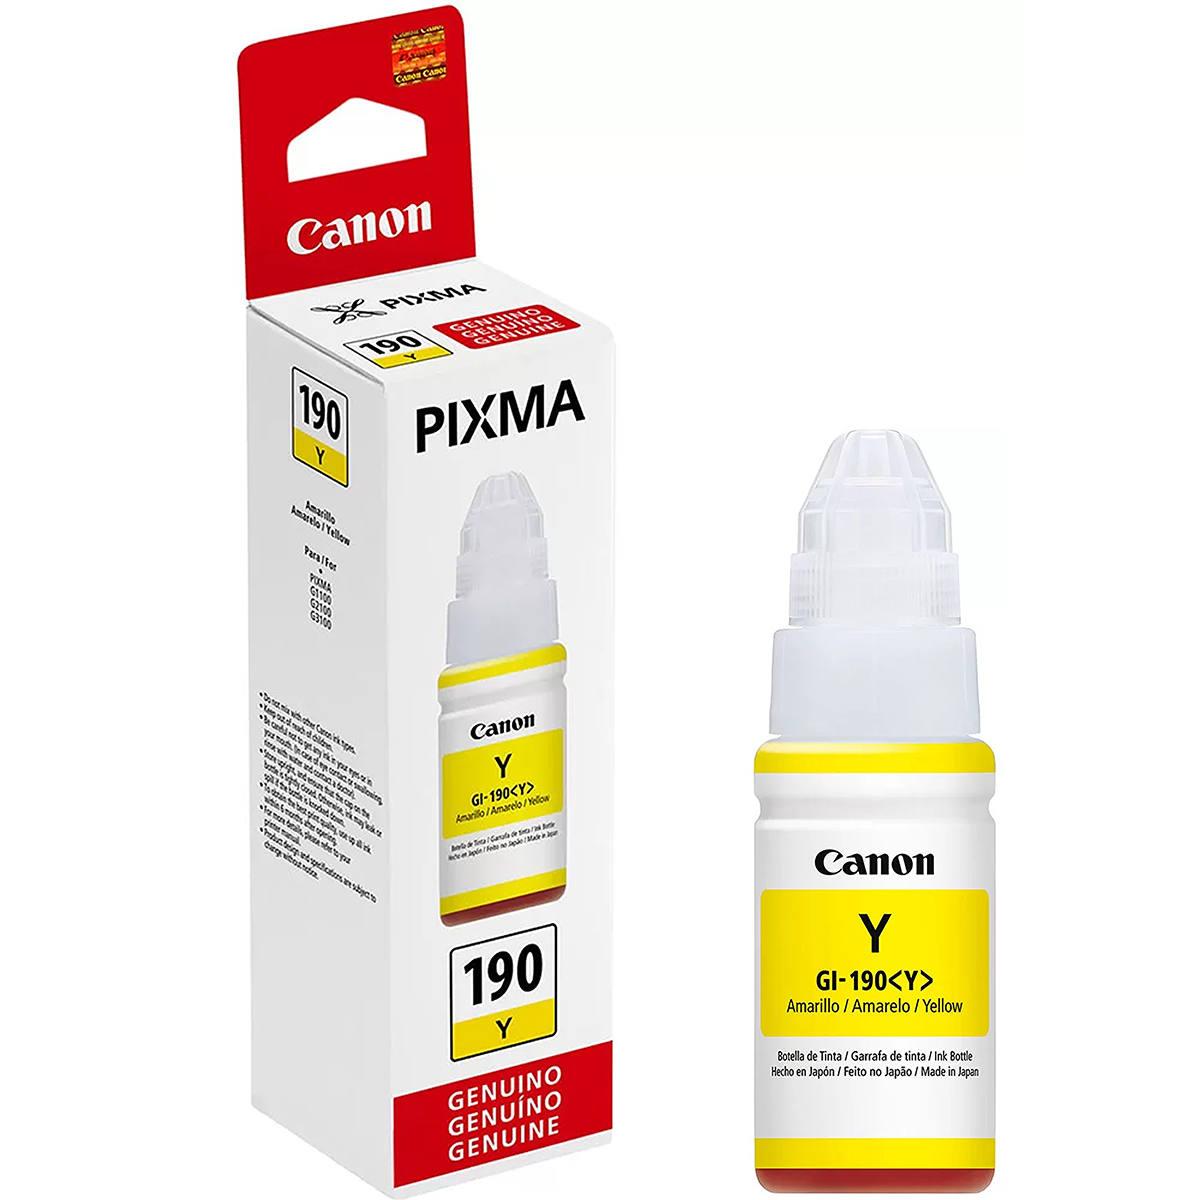 Kit Colorido Tinta Canon GI-190 GI190 Original para Pixma Maxx G1100 G2100 G2111 G3100 G3102 G3111 G4100 G4102 G4110